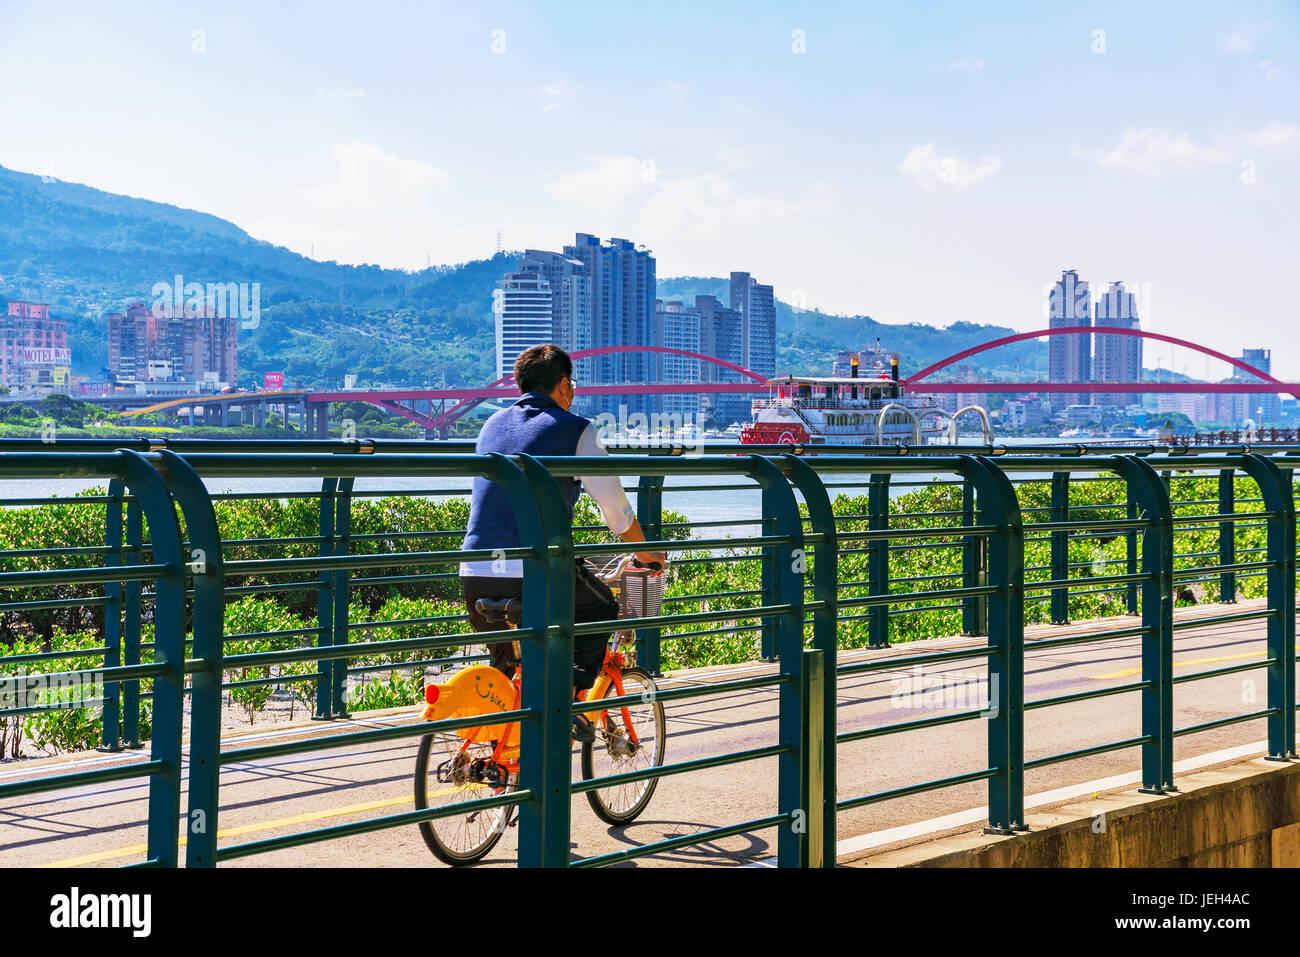 TAIPEI, TAIWAN - Le 29 mai: il s'agit d'une vue panoramique d'un homme à vélo sur un Photo Stock